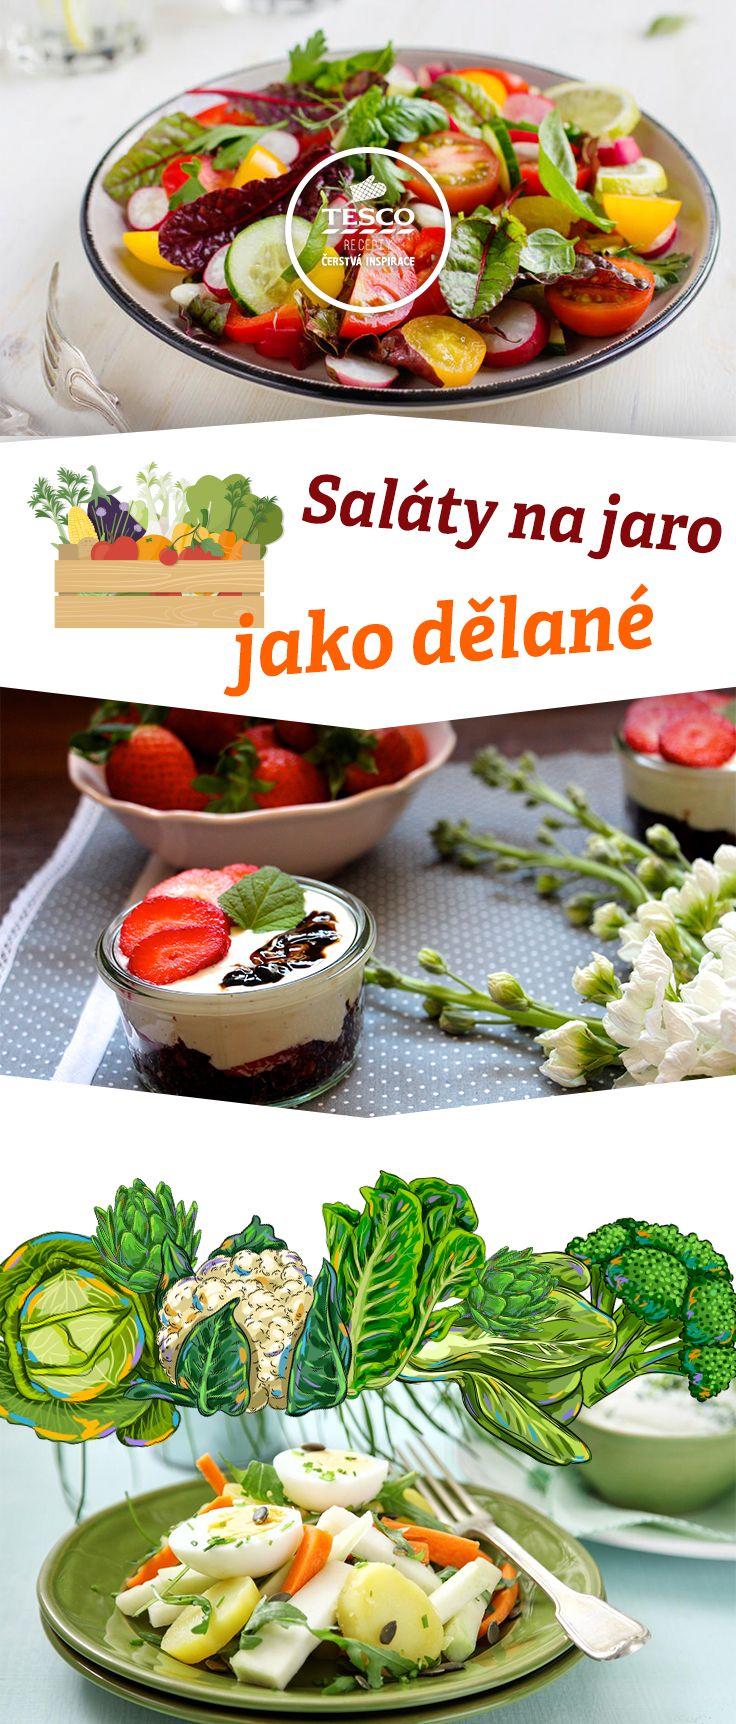 Připravte si vynikající jarní saláty podle našich receptů